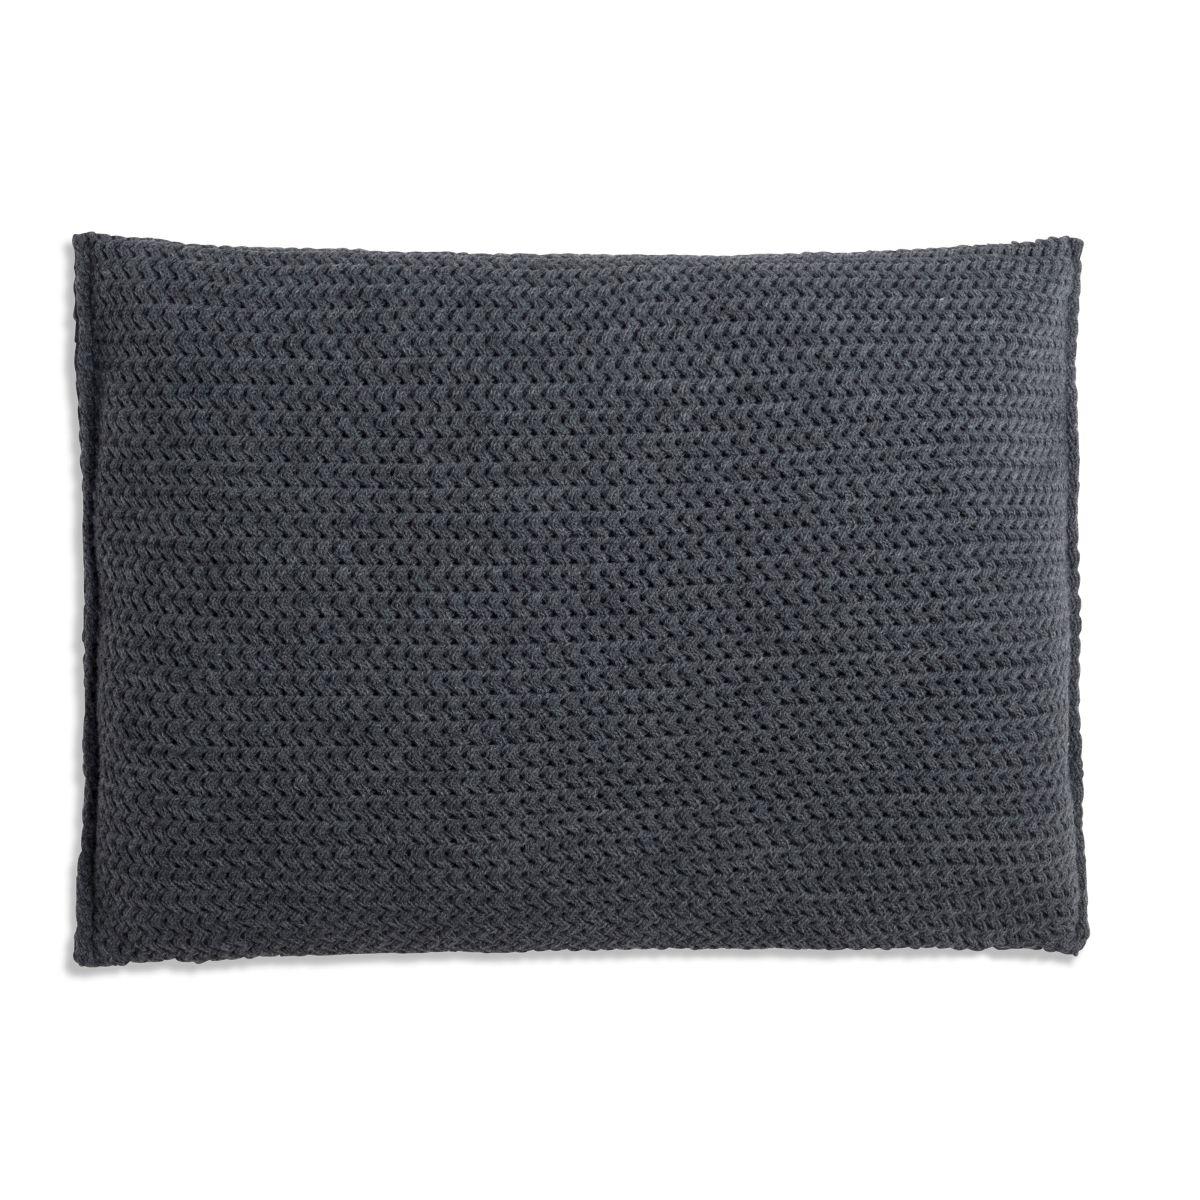 maxx cushion anthracite 60x40